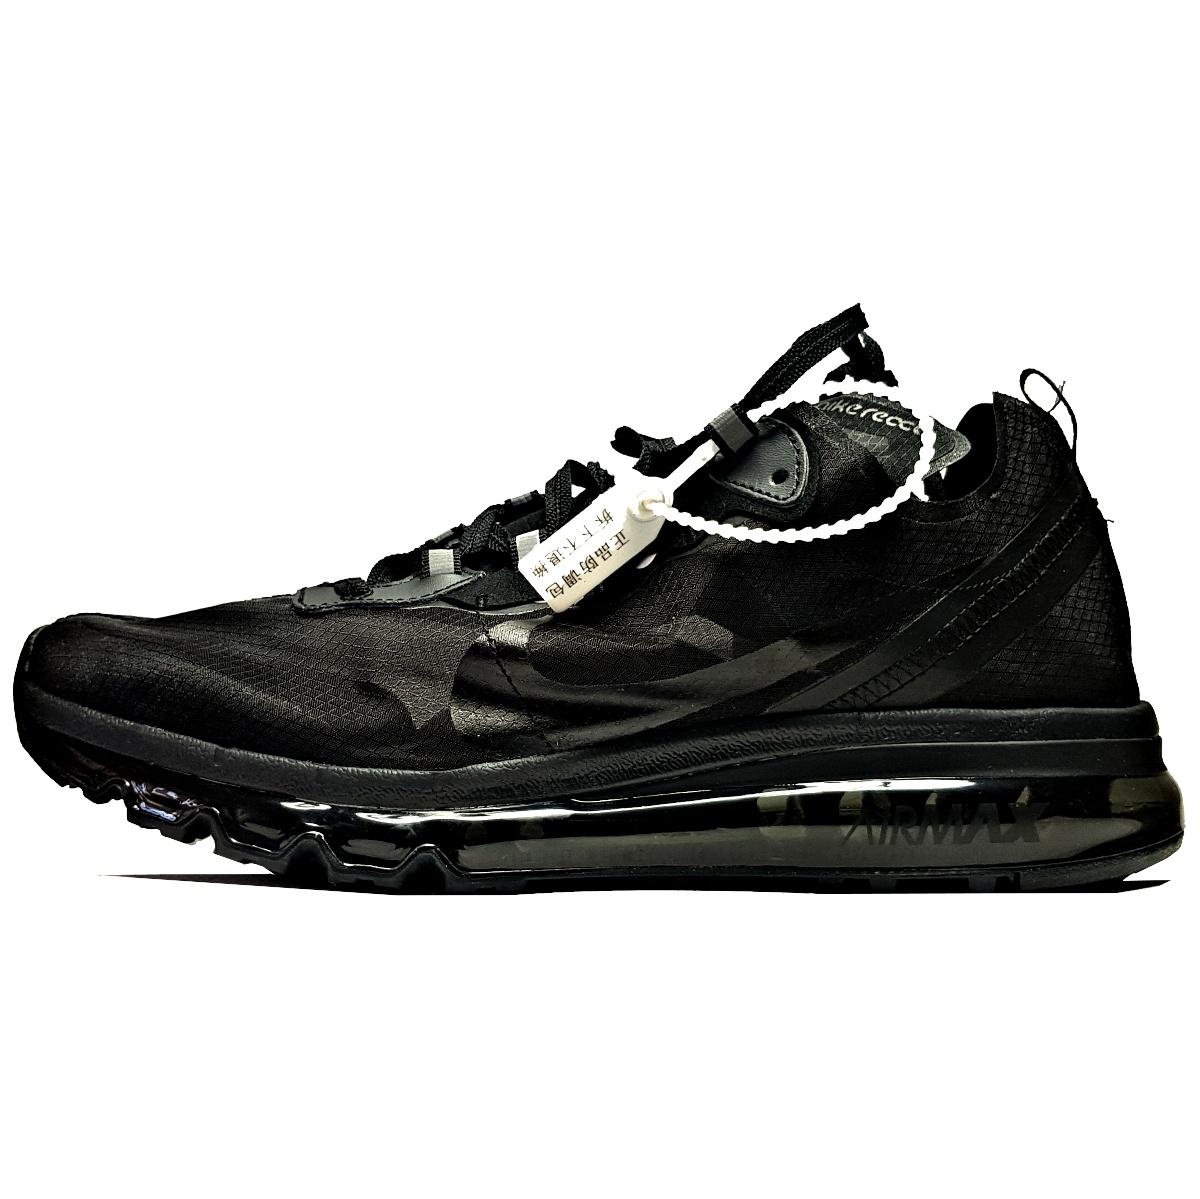 کفش مخصوص پیاده روی مردانه مدل AIR MAX 2019 x React Element 87